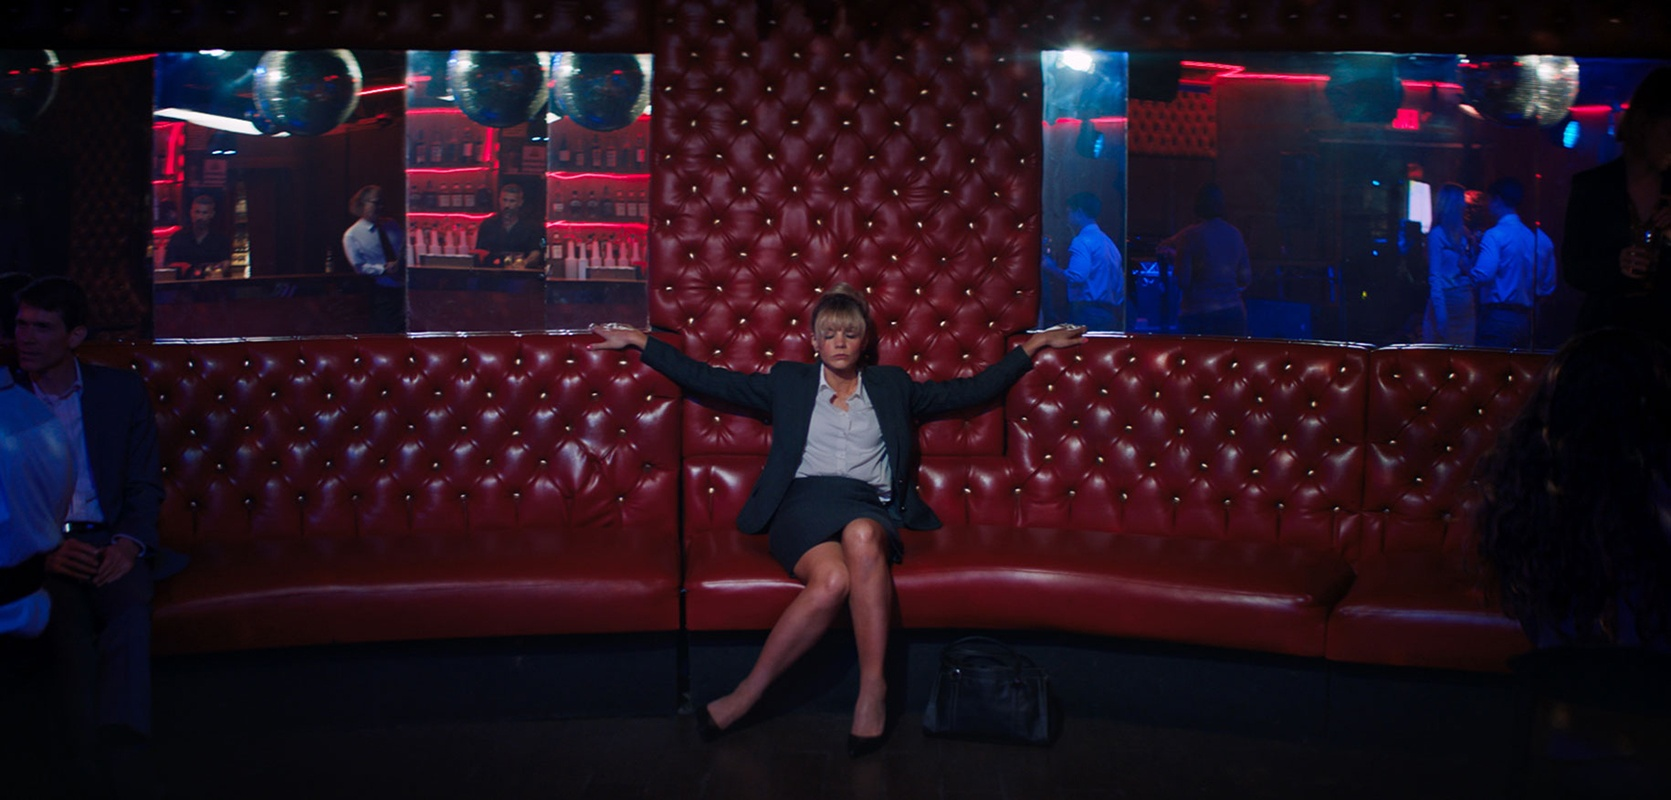 Una donna promettente recensione film di Emerald Fennell con Carey Mulligan